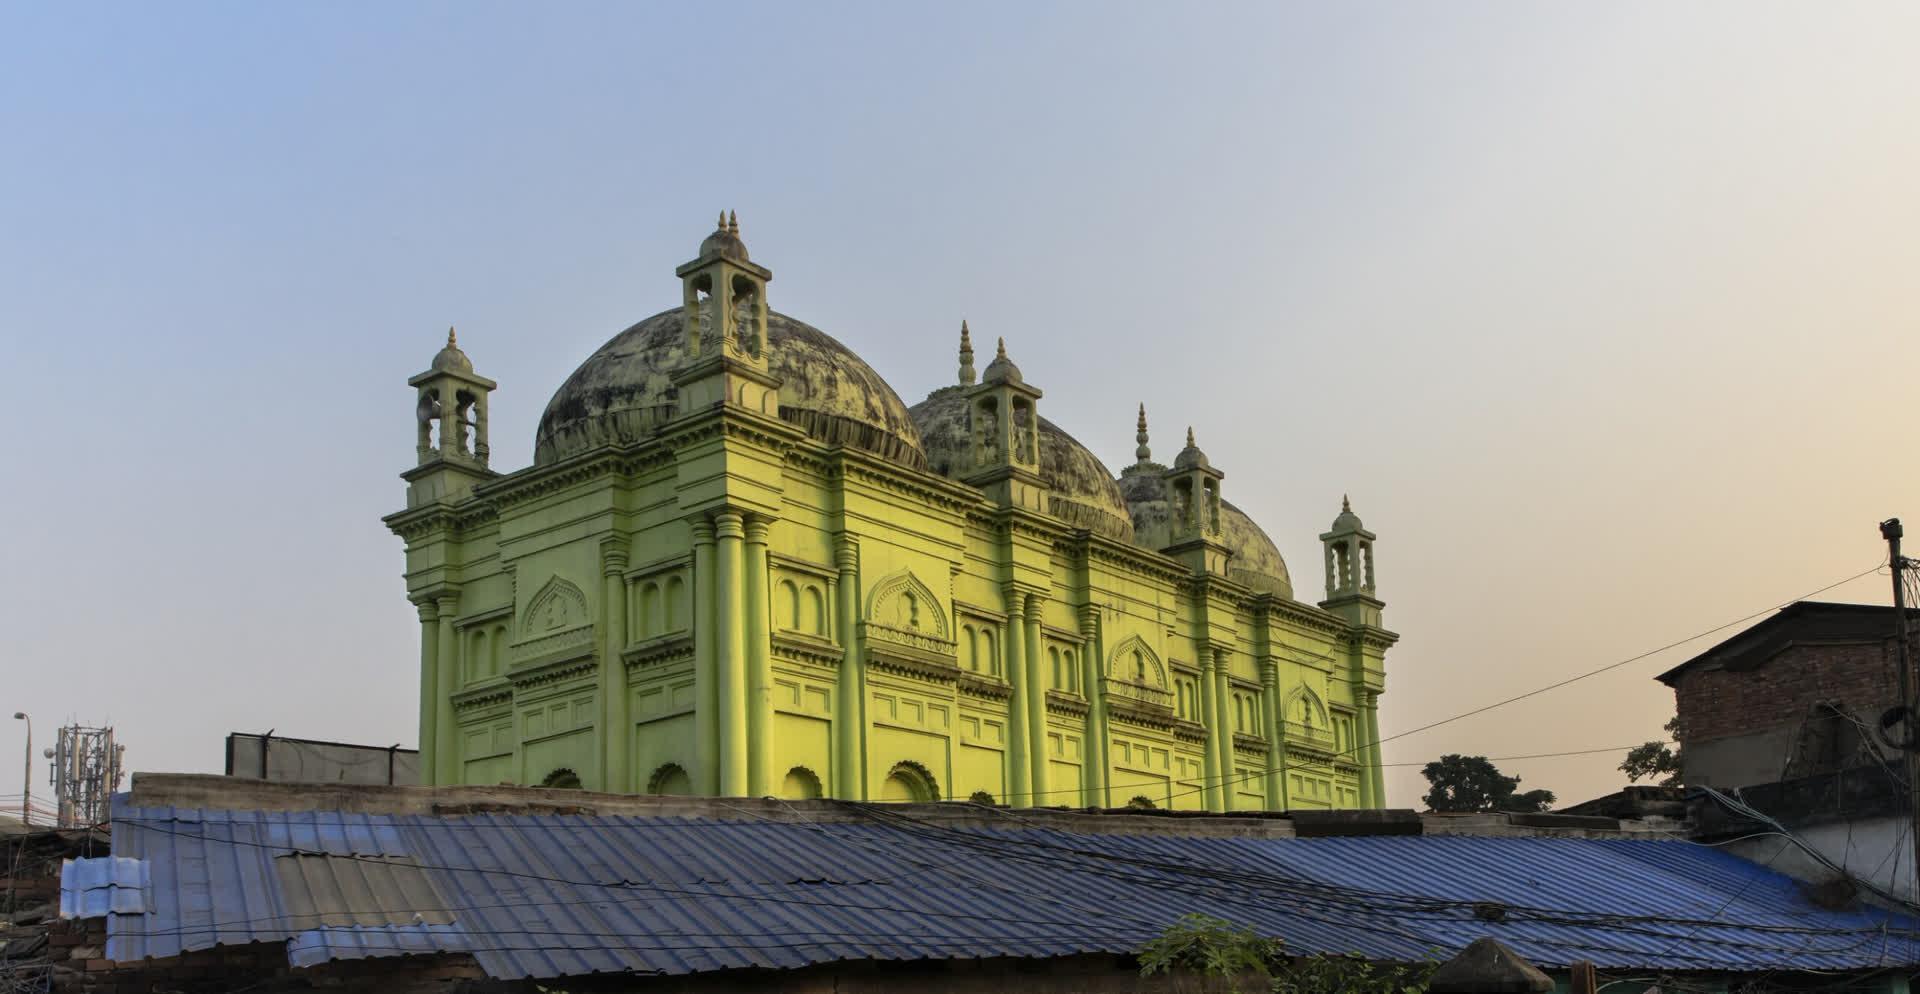 बसरी शाह मस्जिद: कोलकाता की सबसे पुरानी मस्जिद